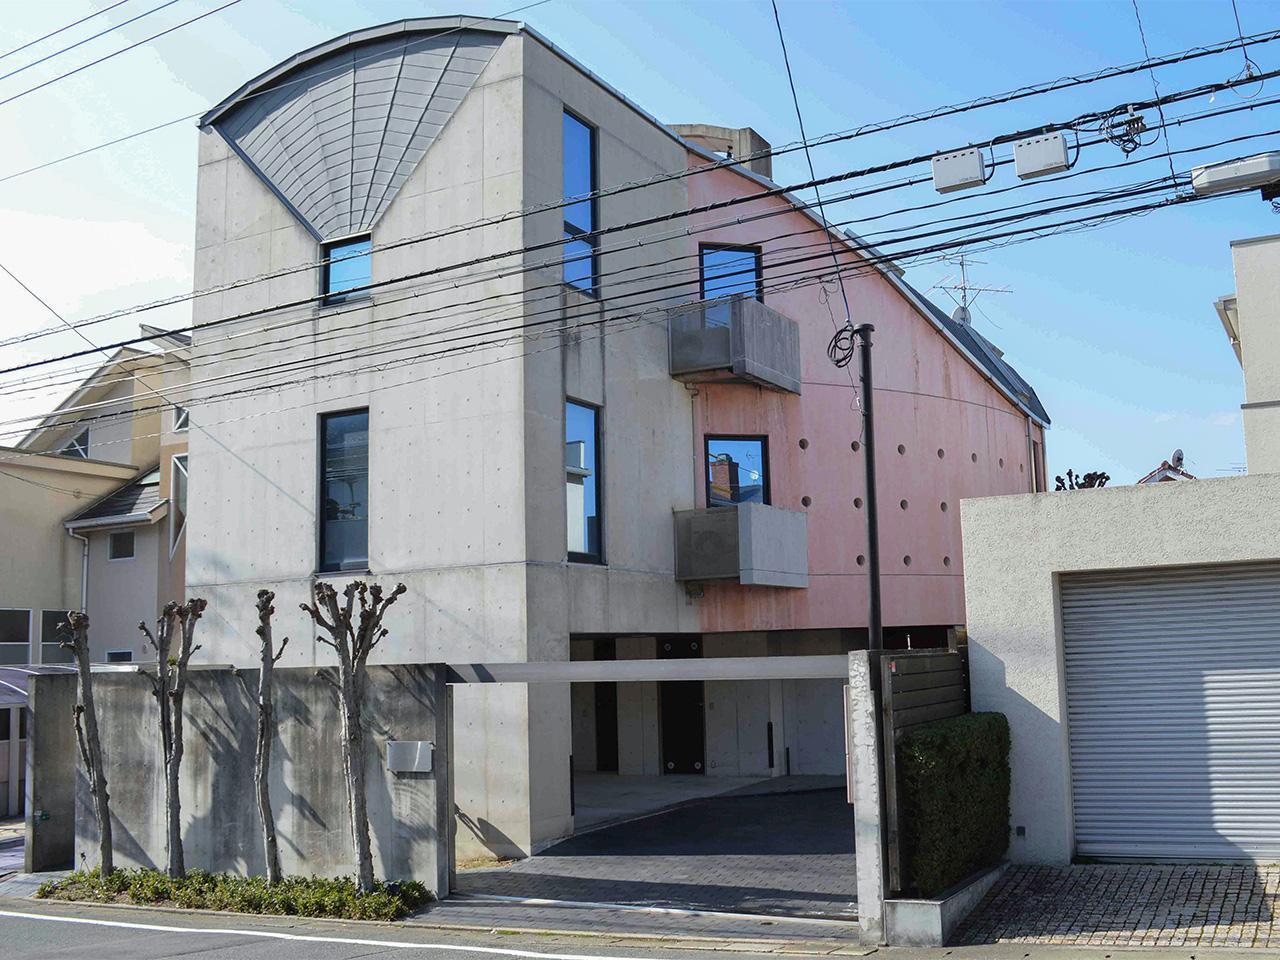 美しき要塞 (福岡市中央区小笹の物件) - 福岡R不動産